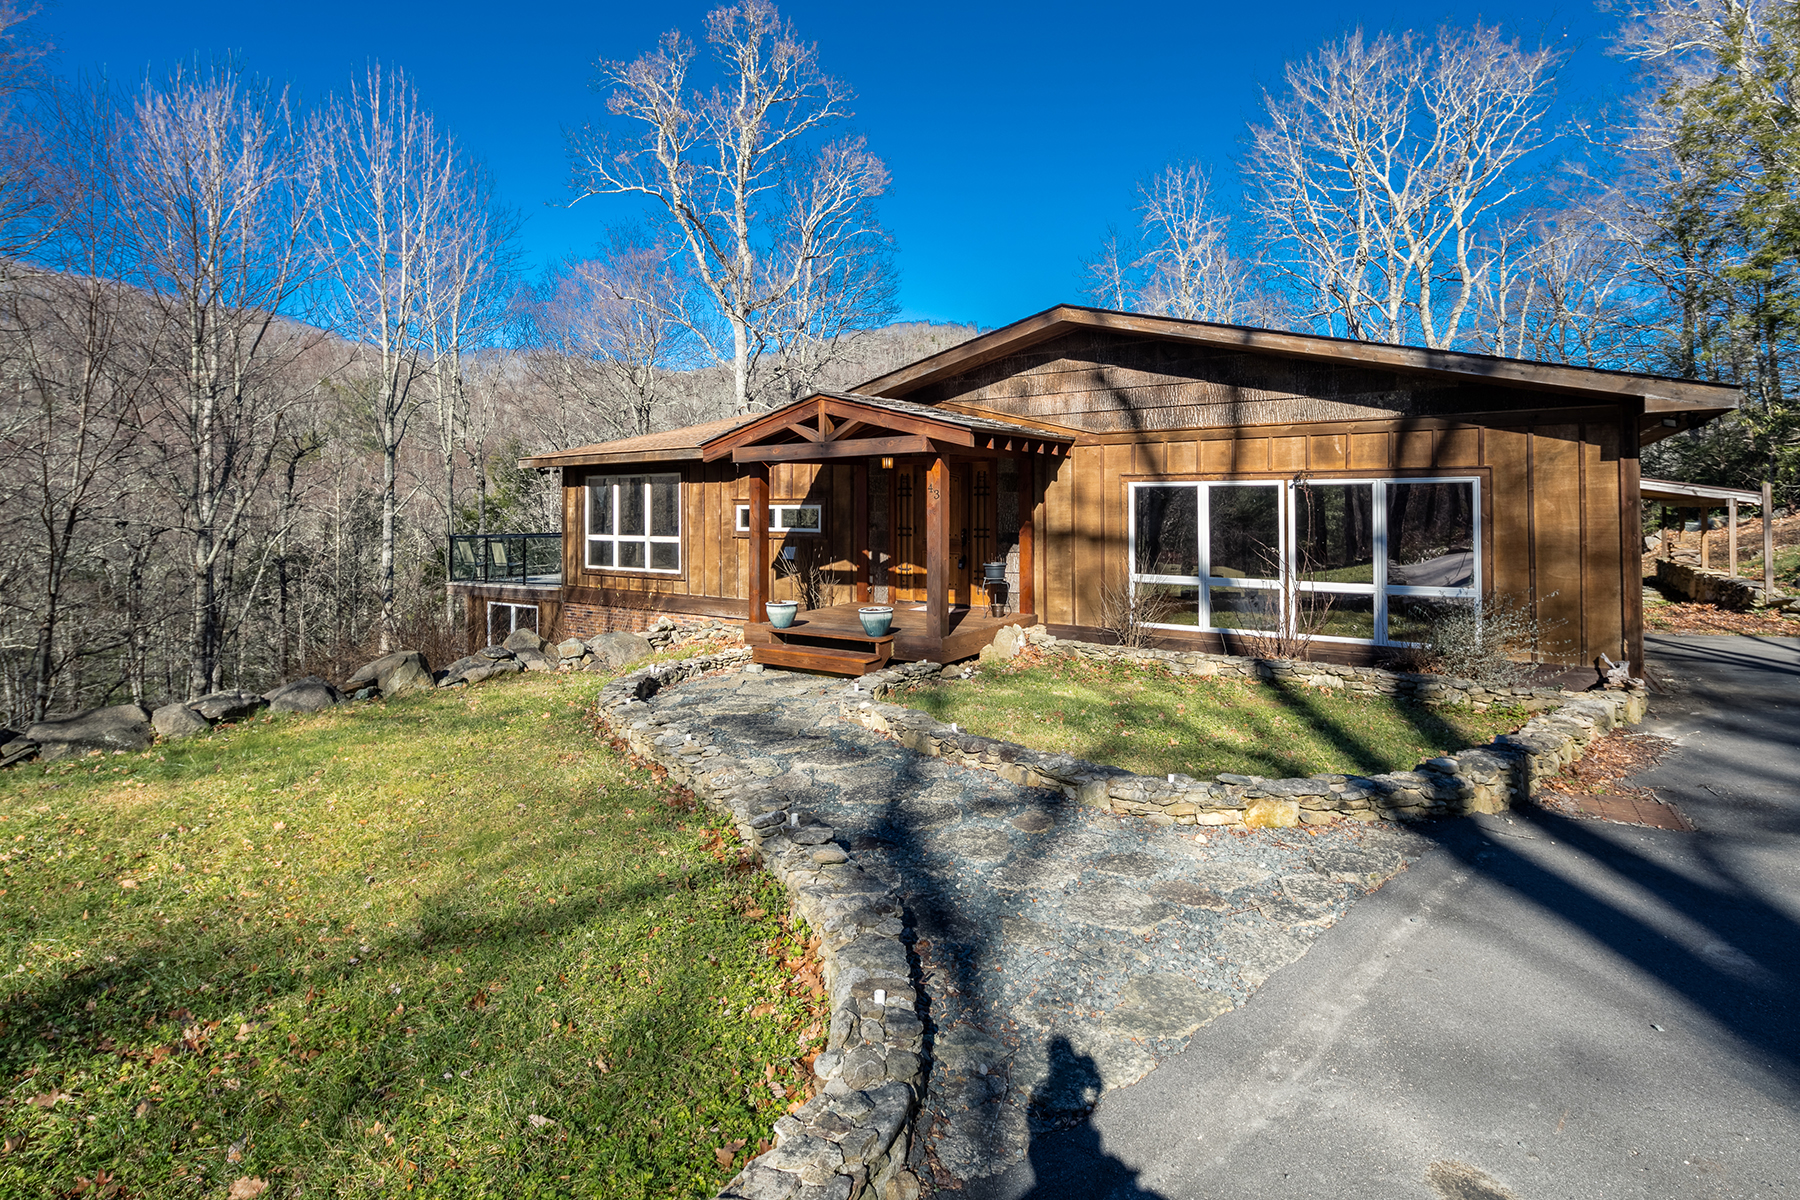 Casa Unifamiliar por un Venta en LINVILLE - TANGLEWOOD 43 Peak View Lane Linville, Carolina Del Norte, 28646 Estados Unidos